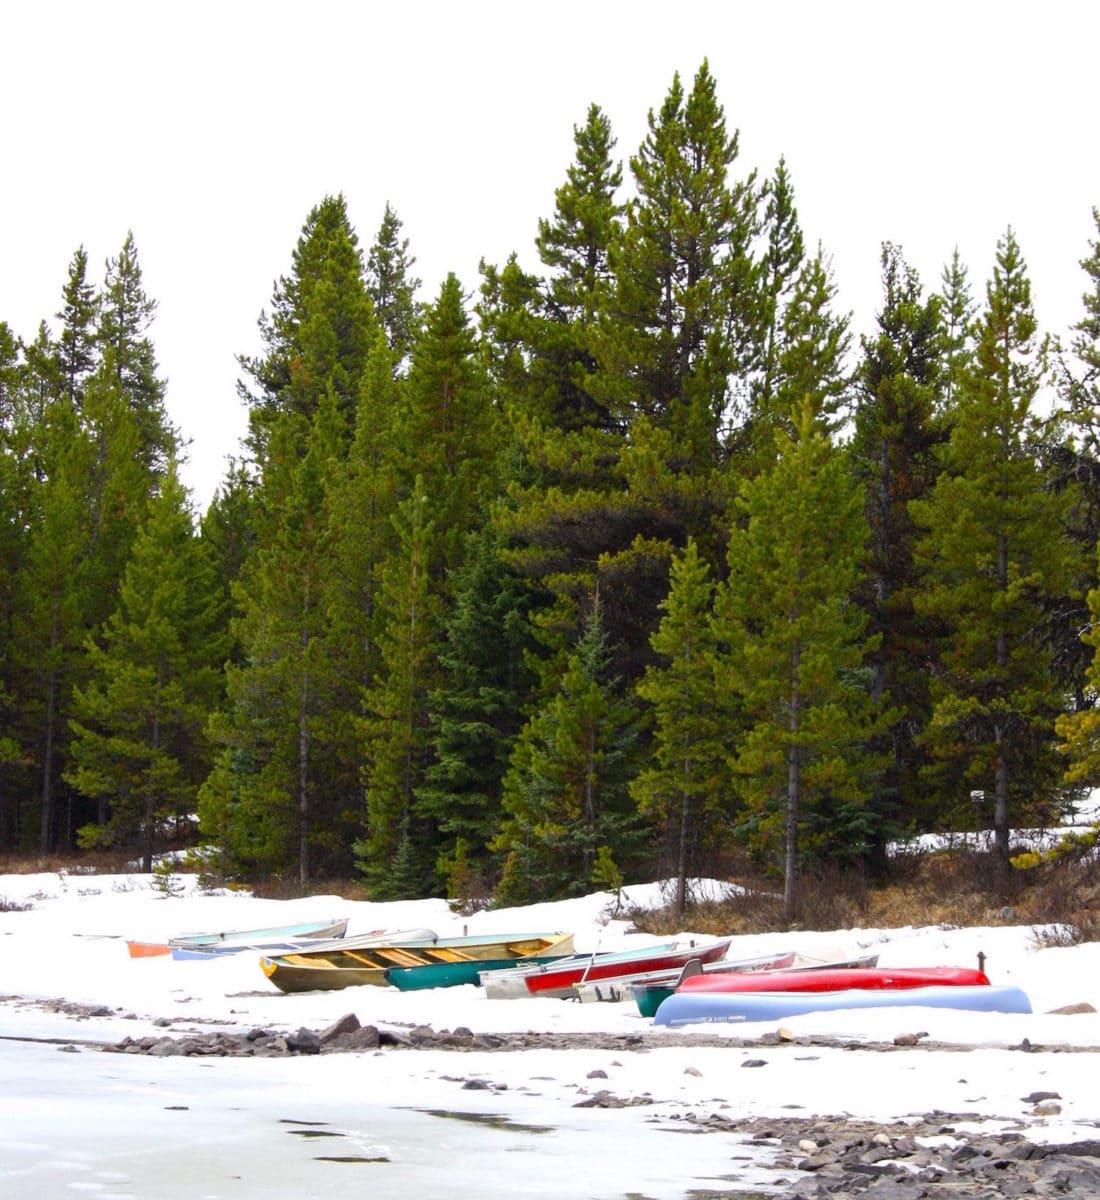 Winter im Jasper Nationalpark Kanada - Reisebericht und Foto von CicoBerlin